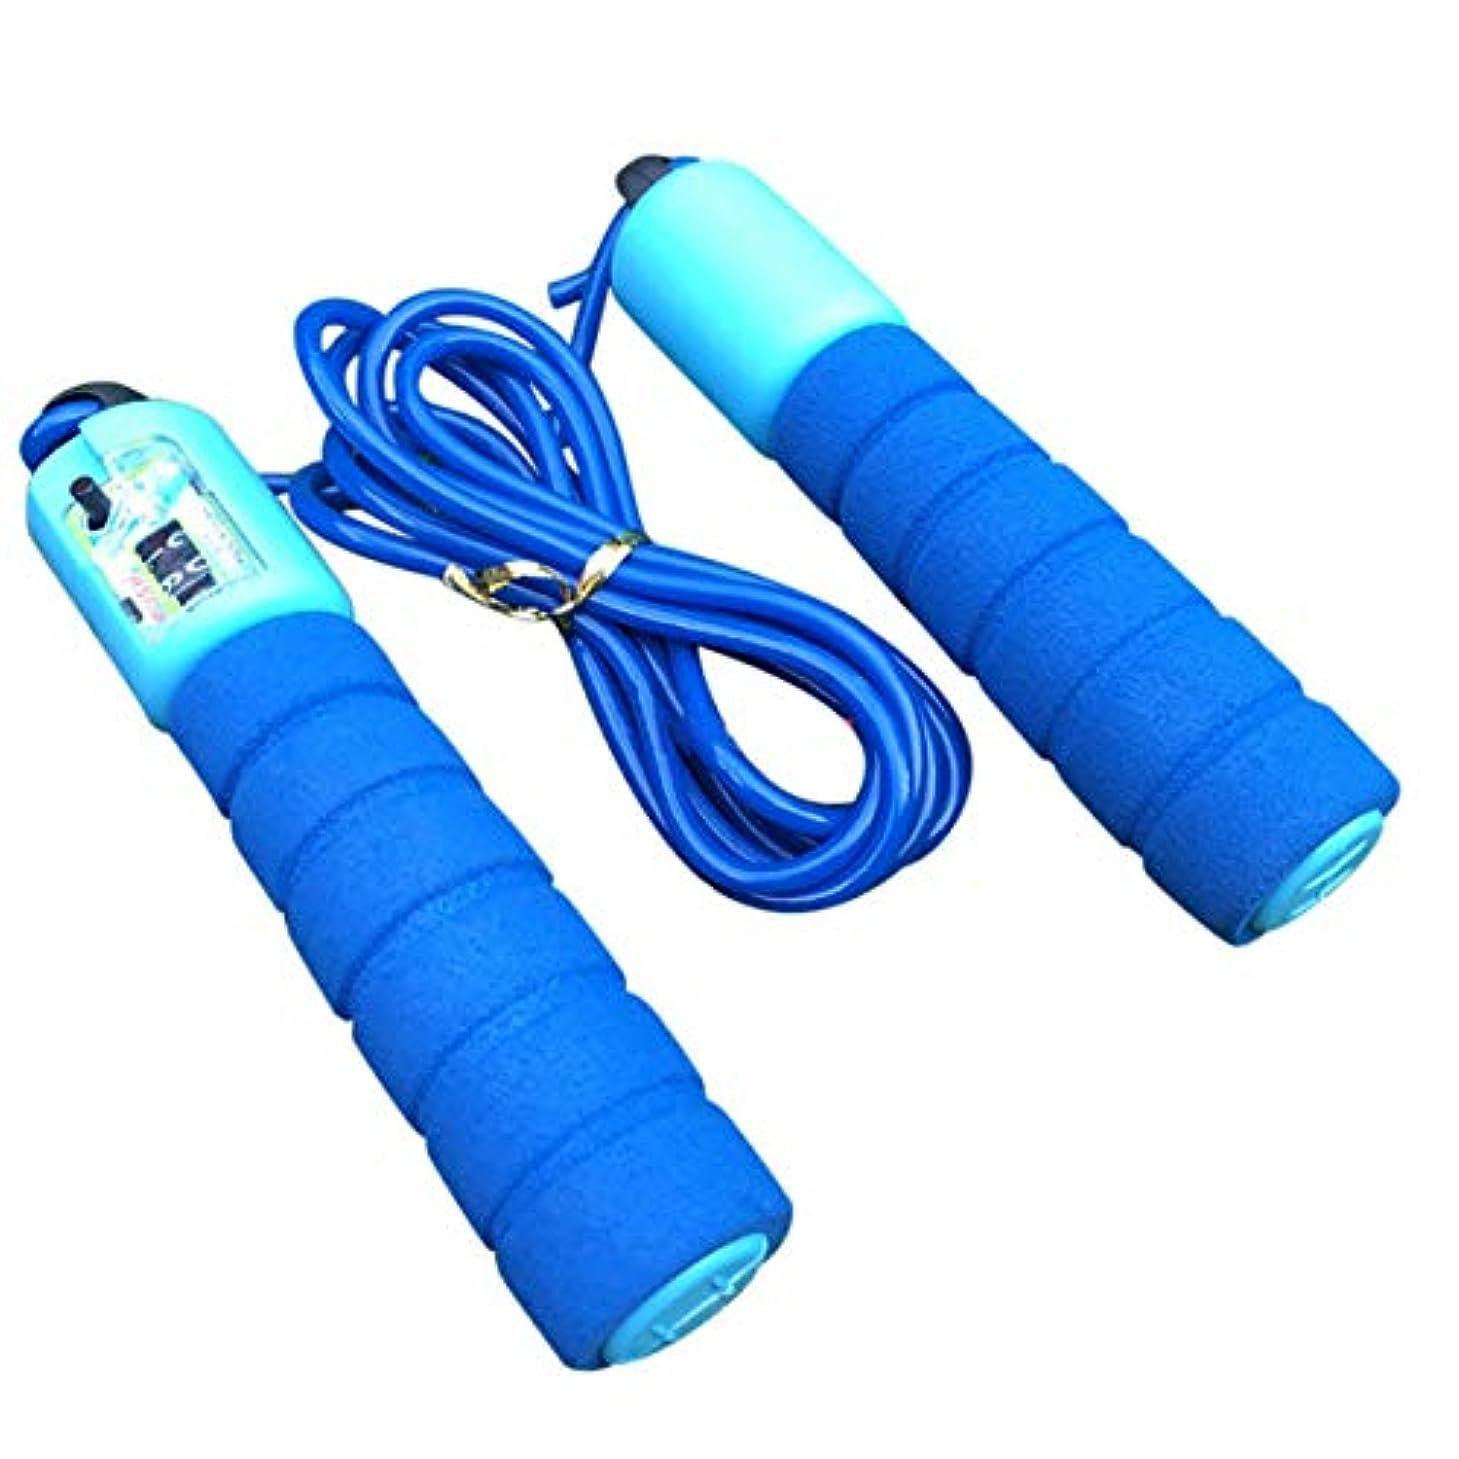 手紙を書く暗黙ええ調整可能なプロフェッショナルカウント縄跳び自動カウントジャンプロープフィットネス運動高速カウントジャンプロープ - 青